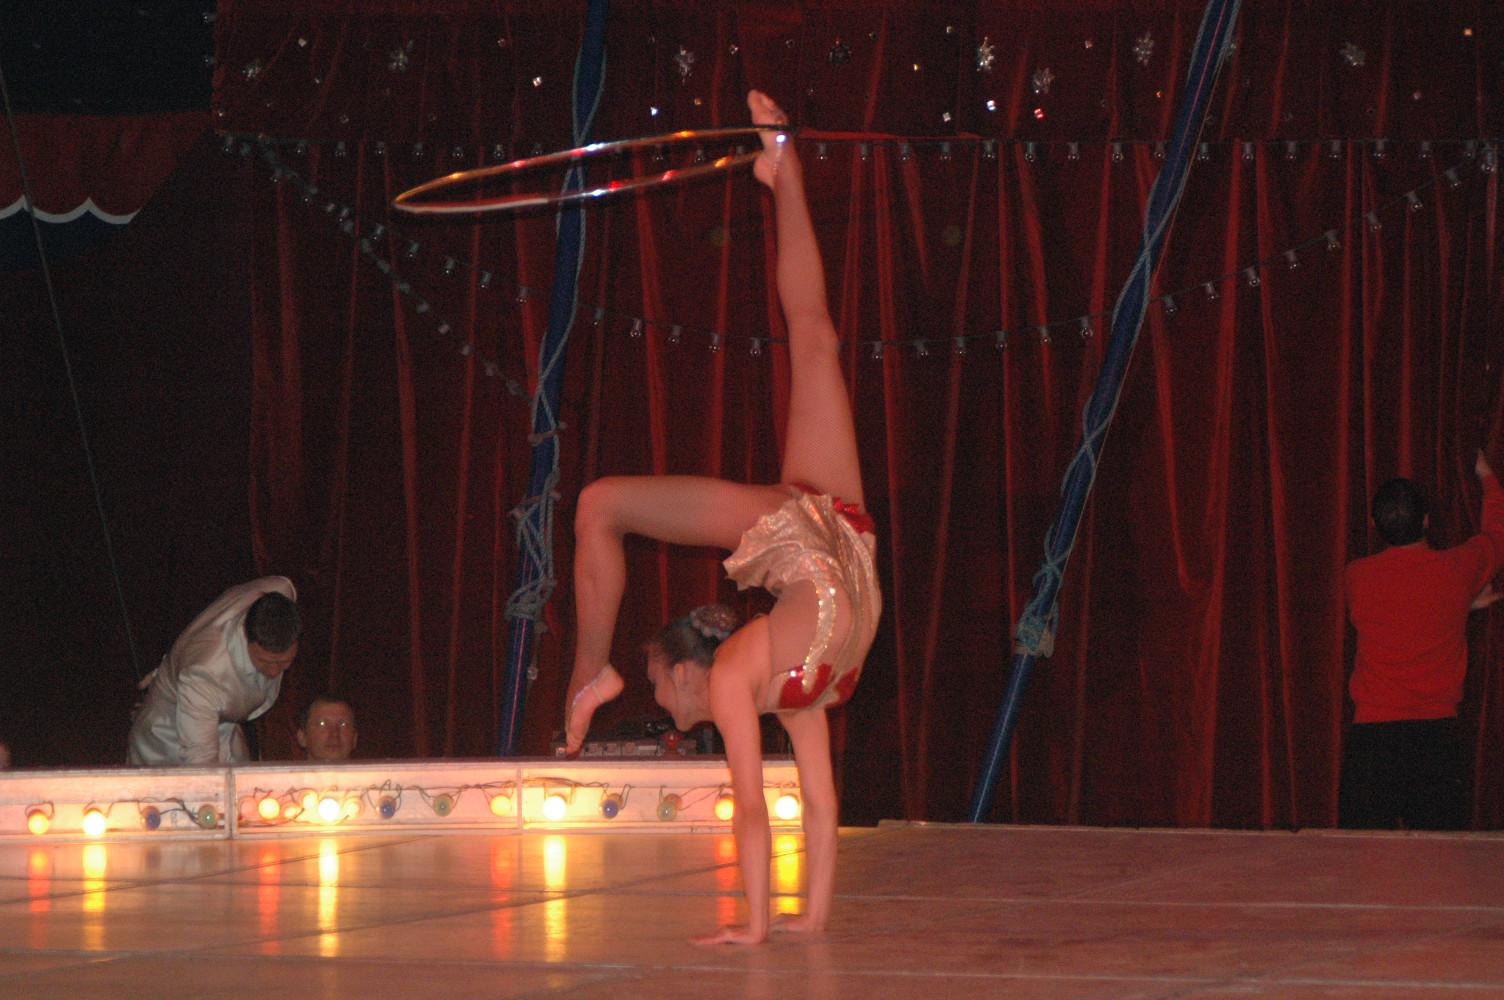 Эротика в цирке смотреть